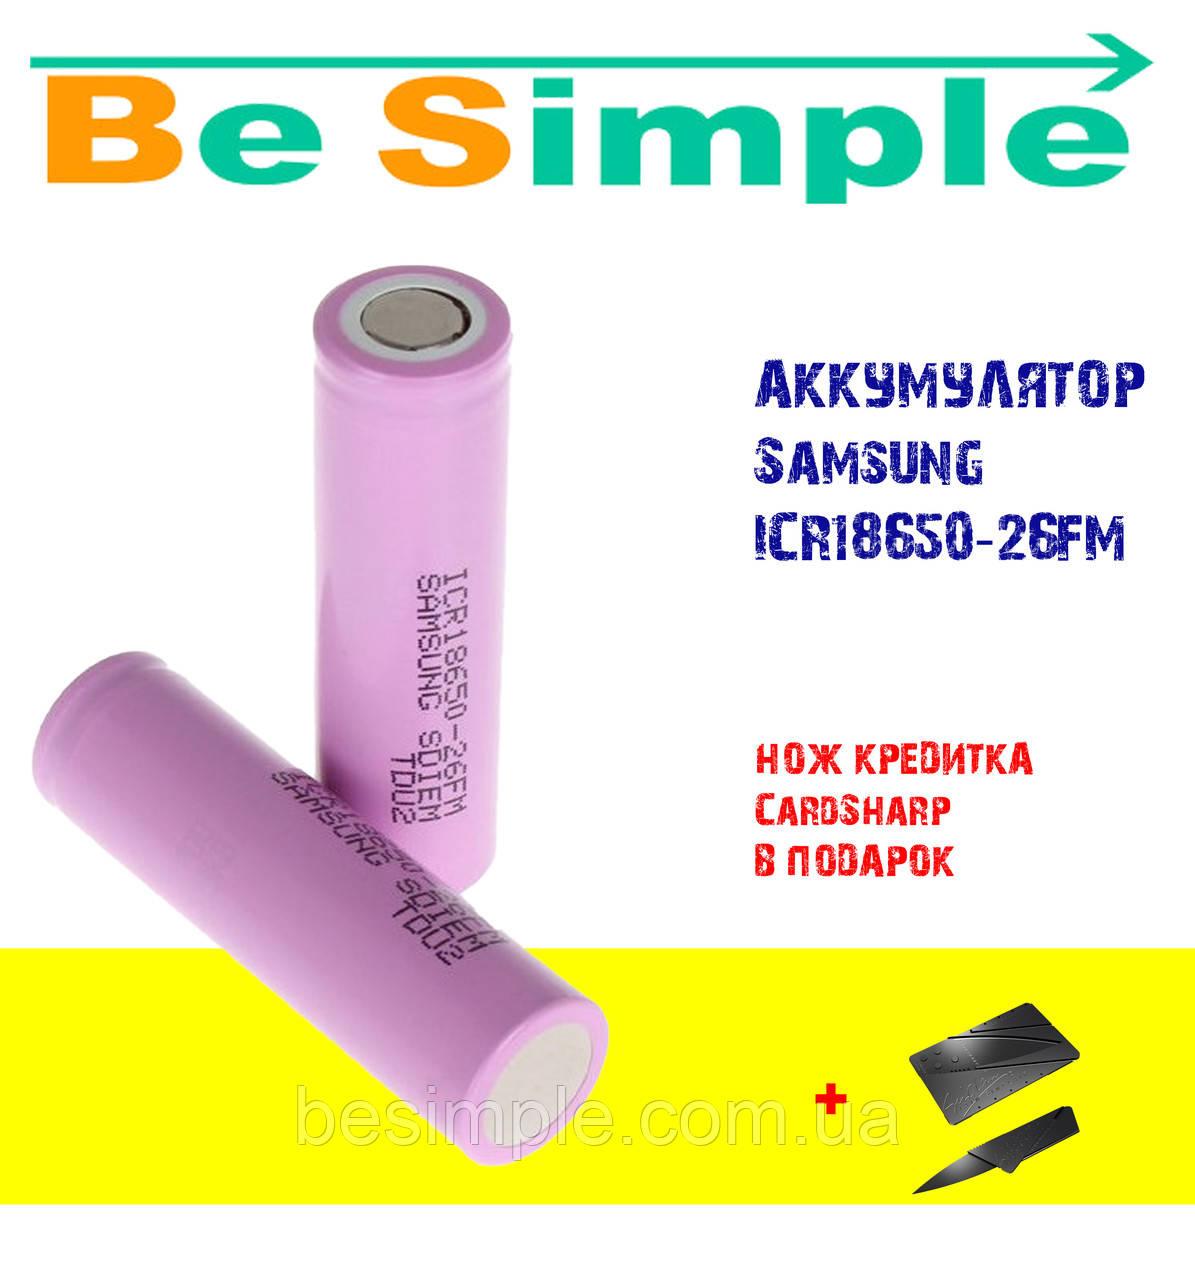 Аккумулятор Samsung ICR18650-26FM 2600 mAh